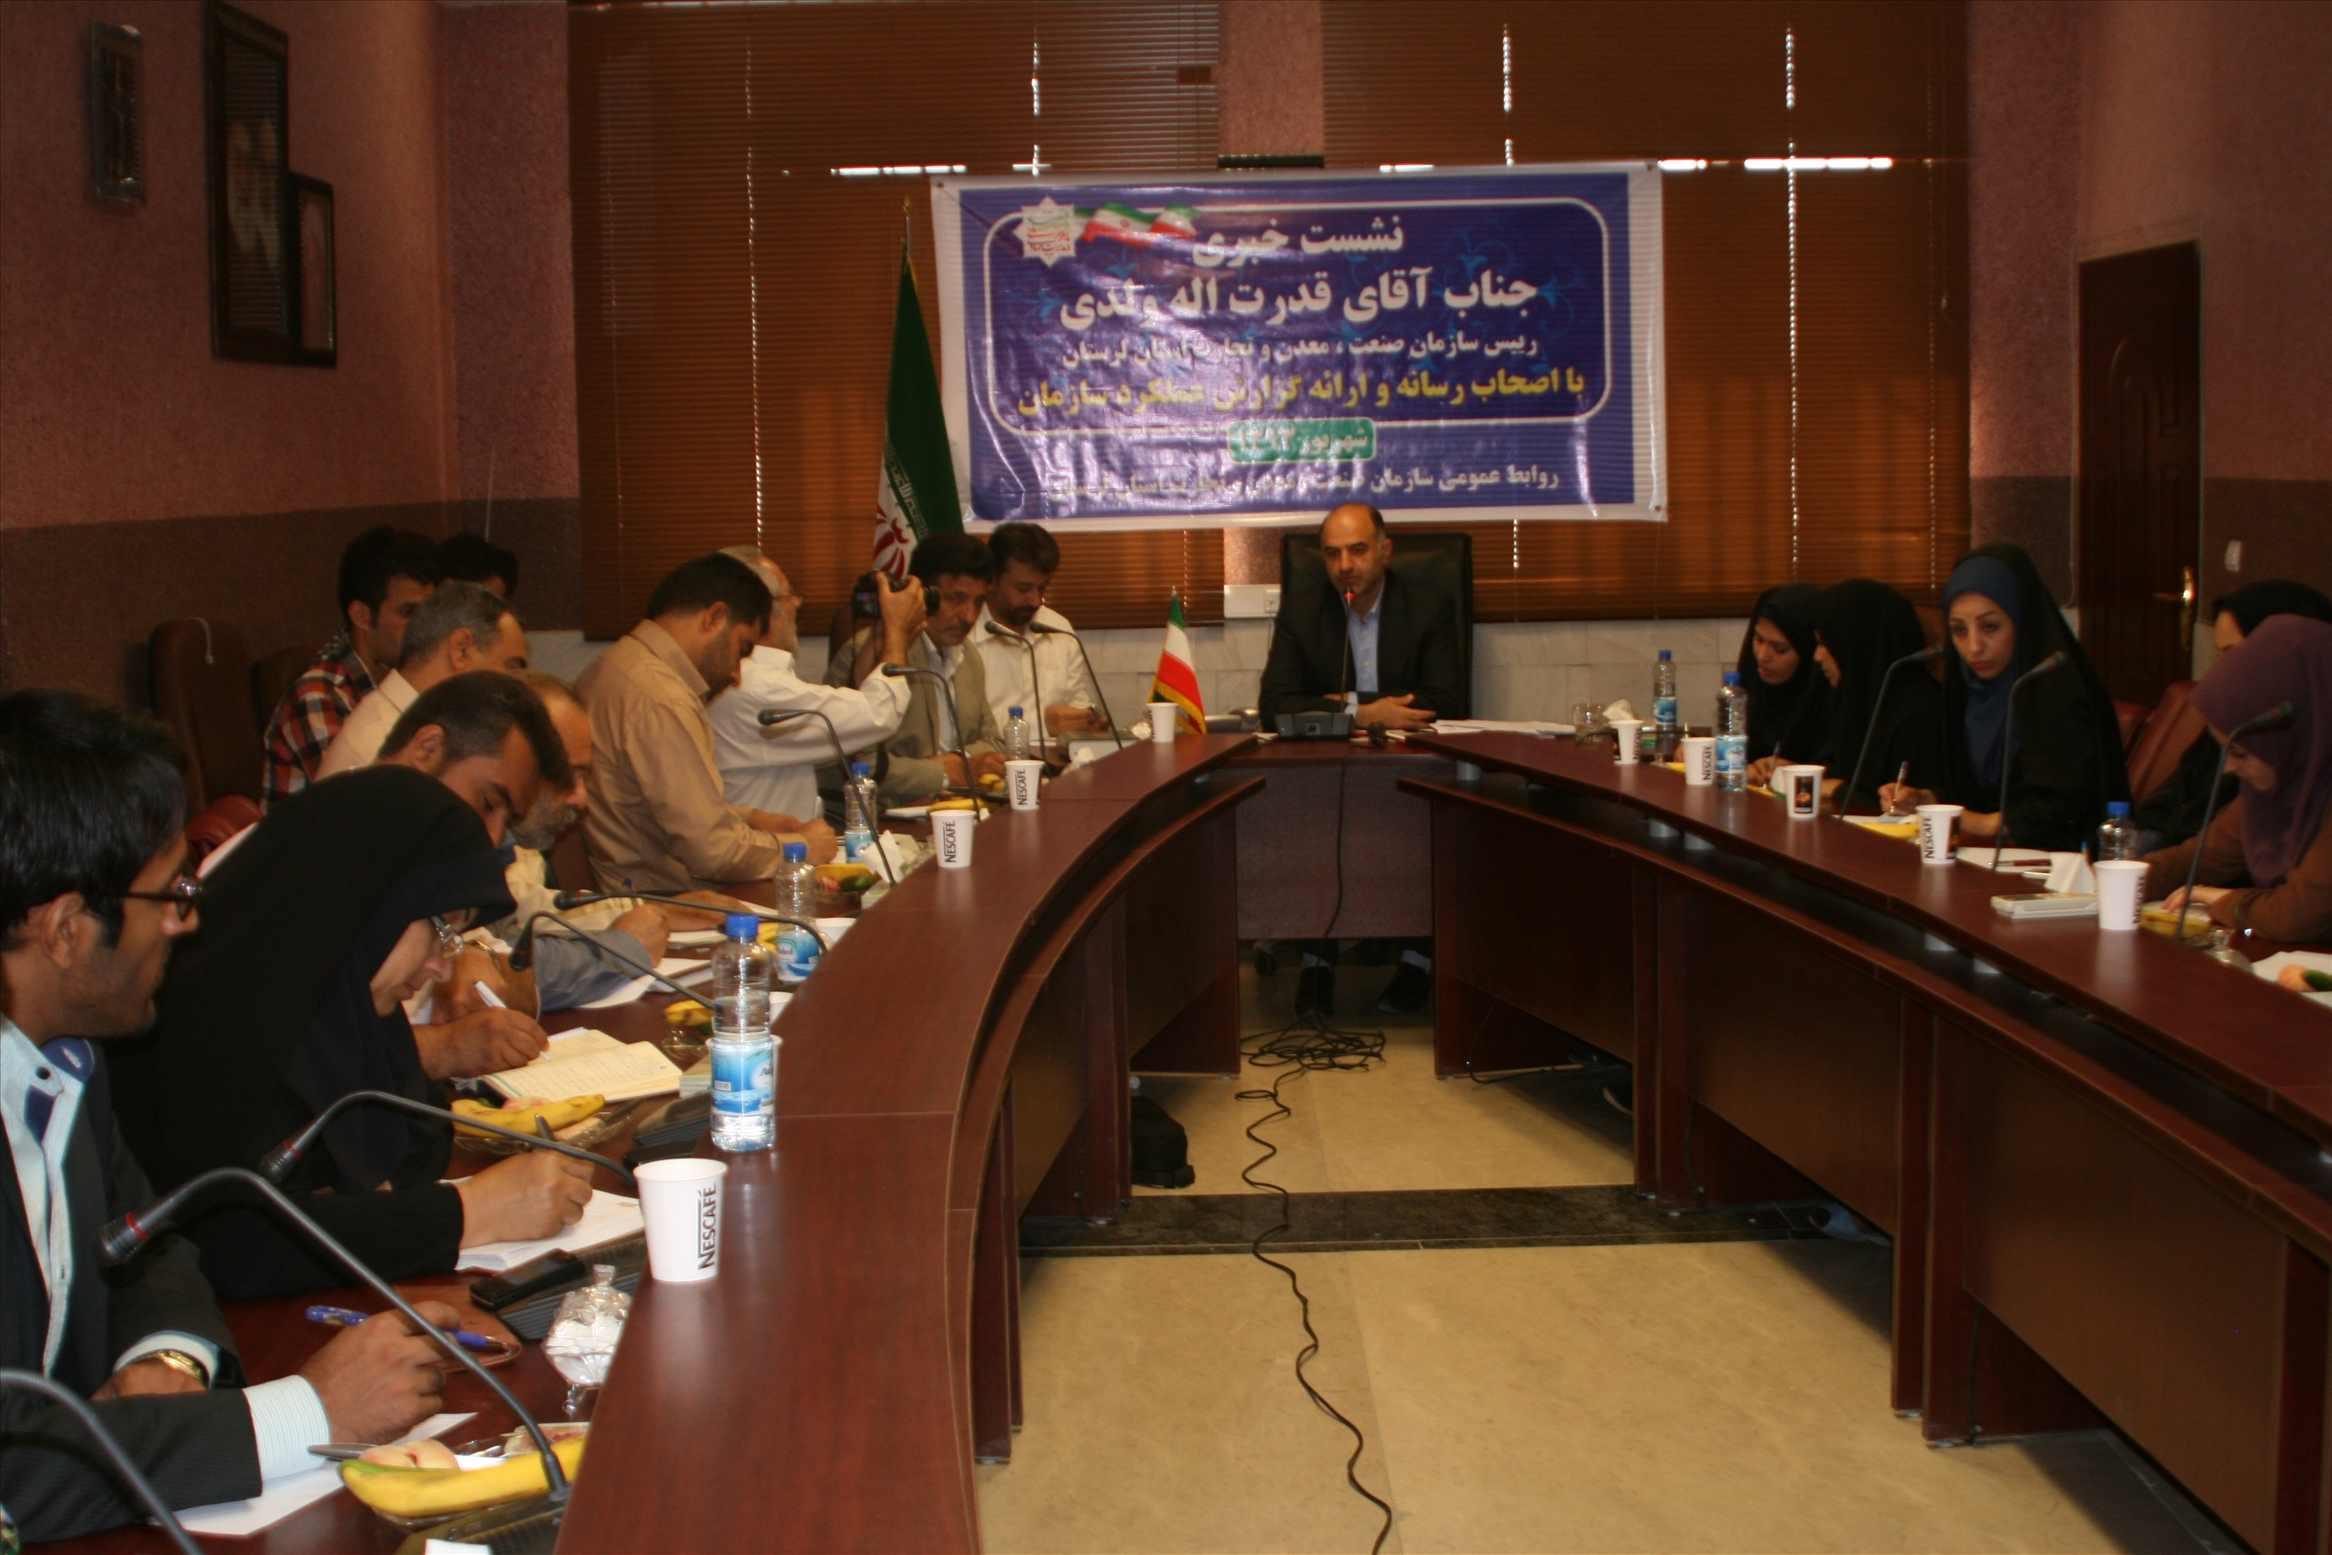 نشست خبری رئیس سازمان صنعت، معدن و تجارت استان لرستان  با اصحاب رسانه